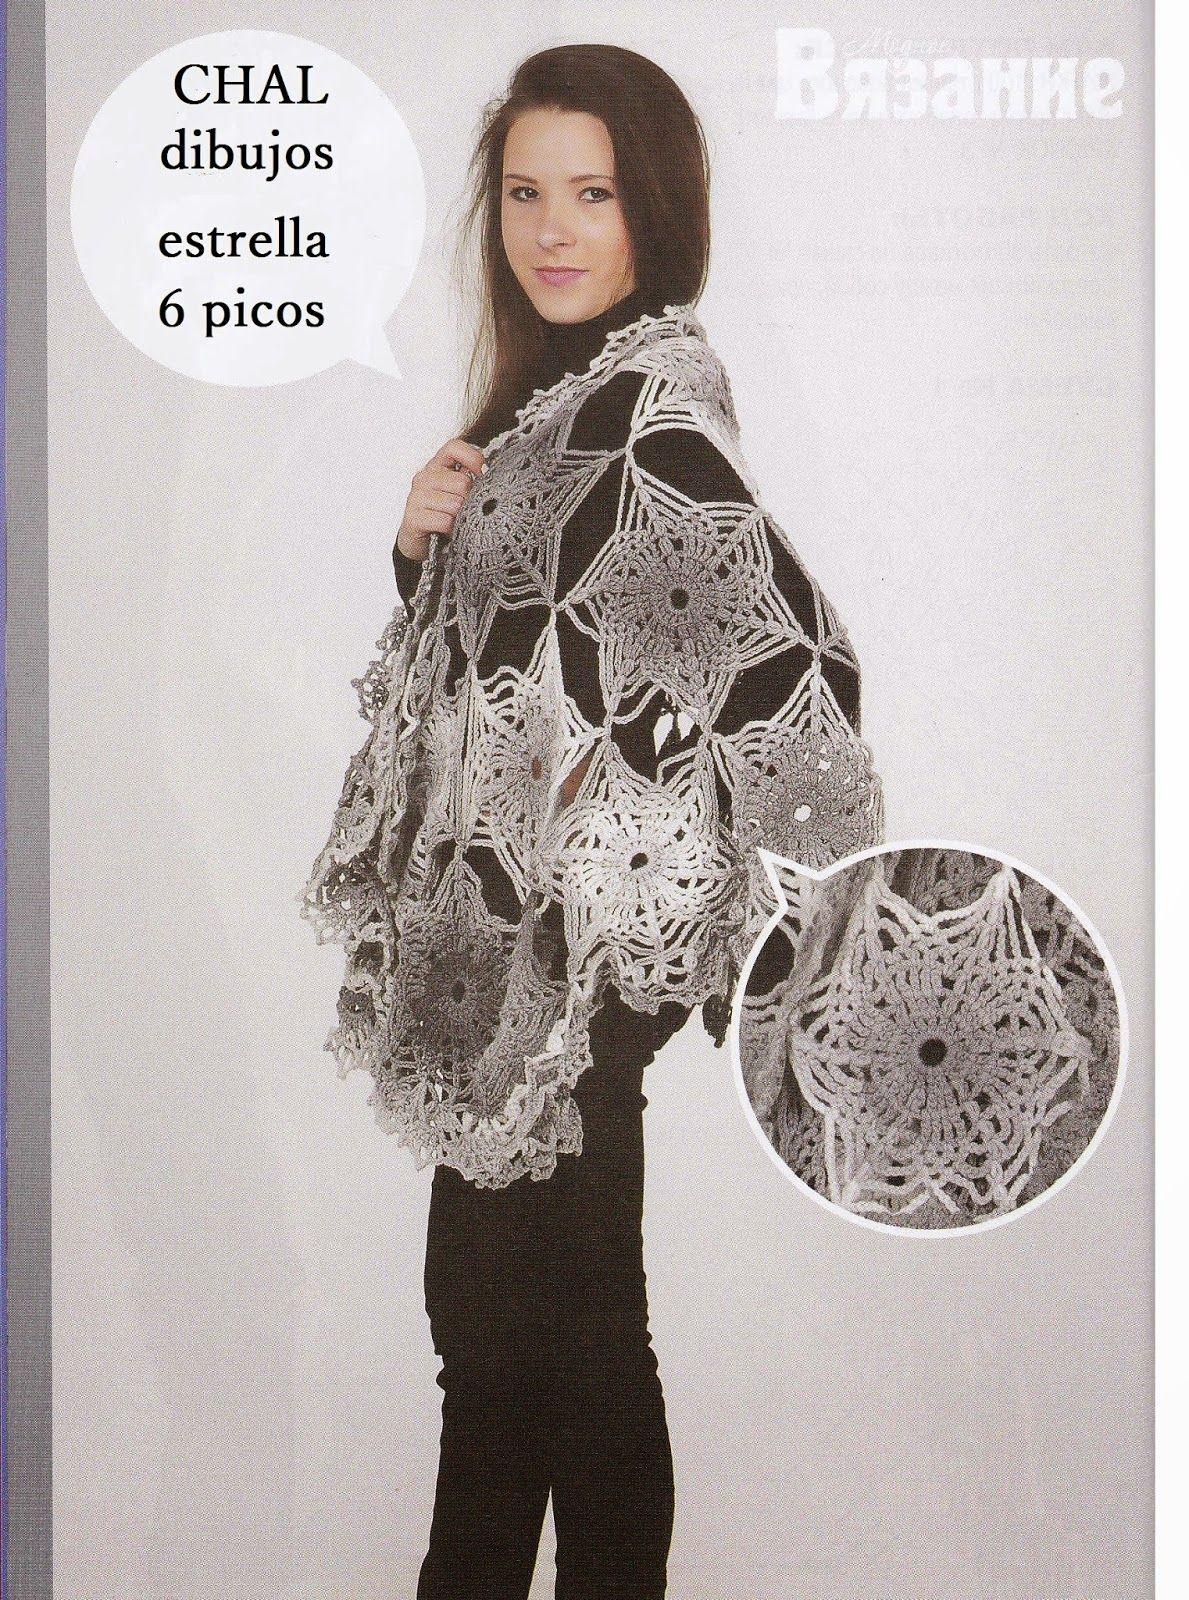 Chal dibujo Estrella 6 picos Patron - Patrones Crochet | DIY ...